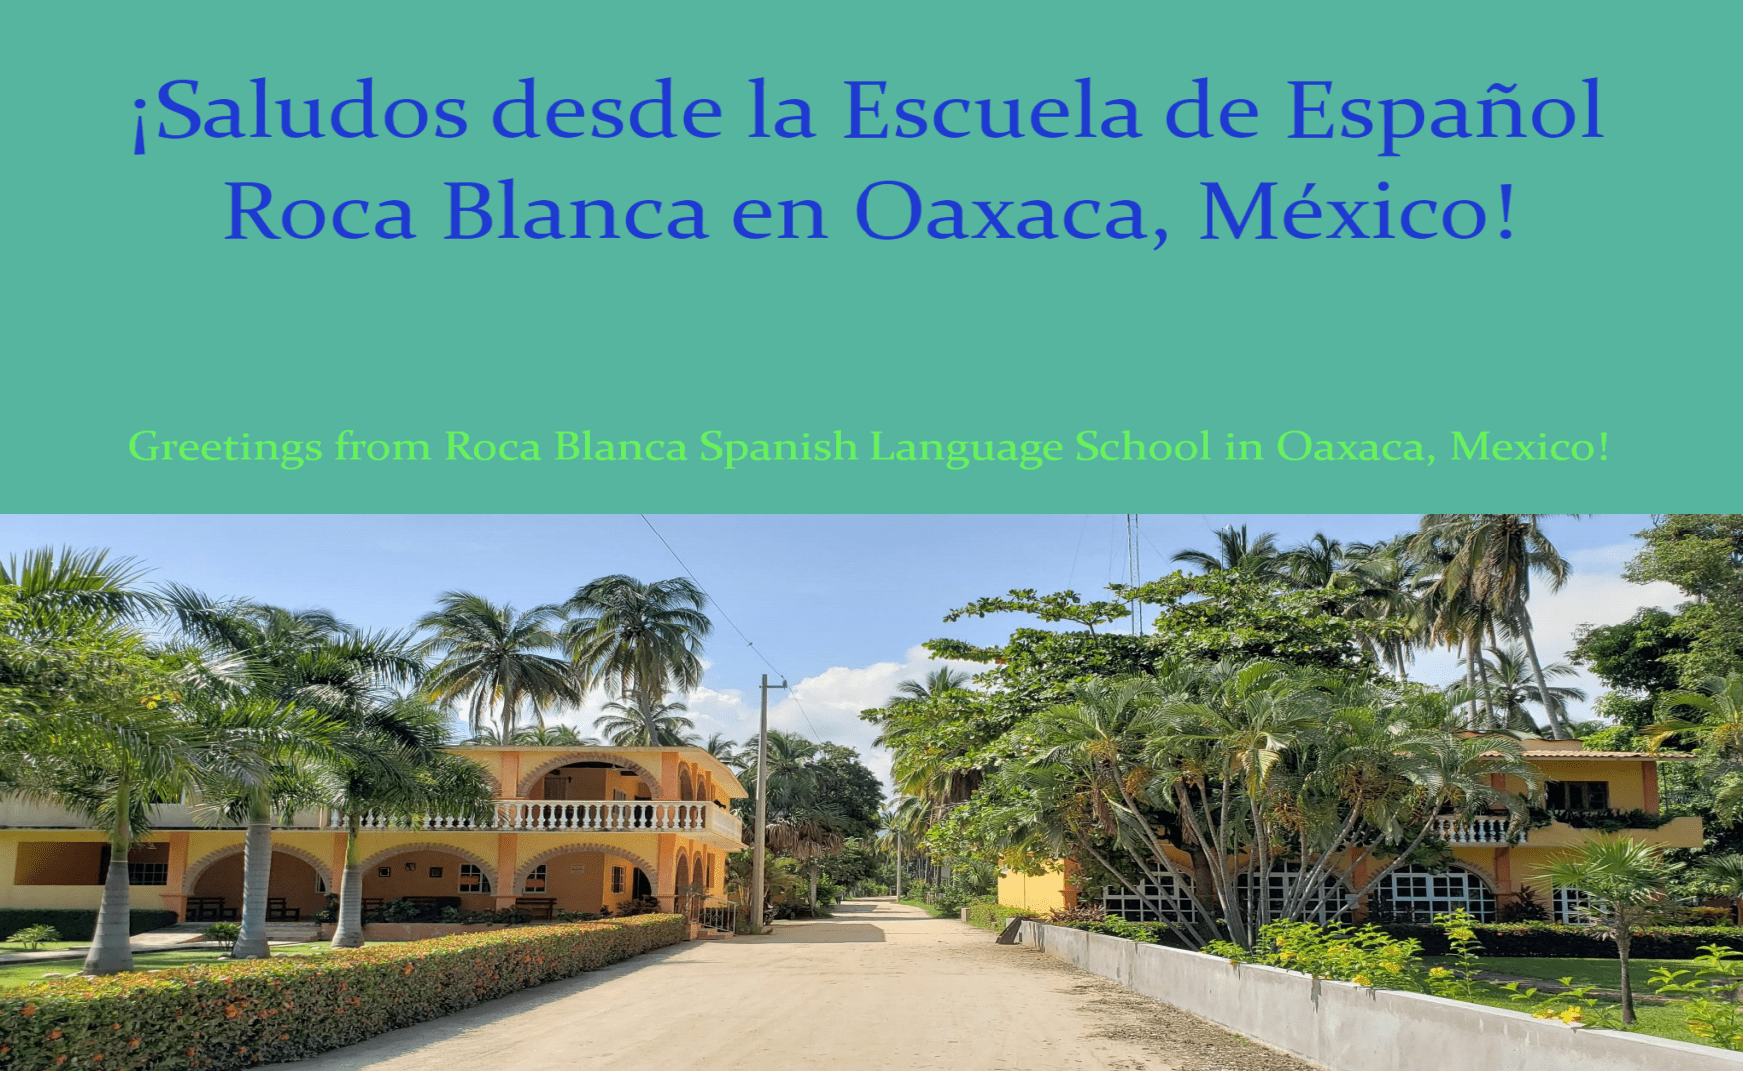 ¡Saludos desde la Escuela de Español Roca Blanca - Oaxaca, México!